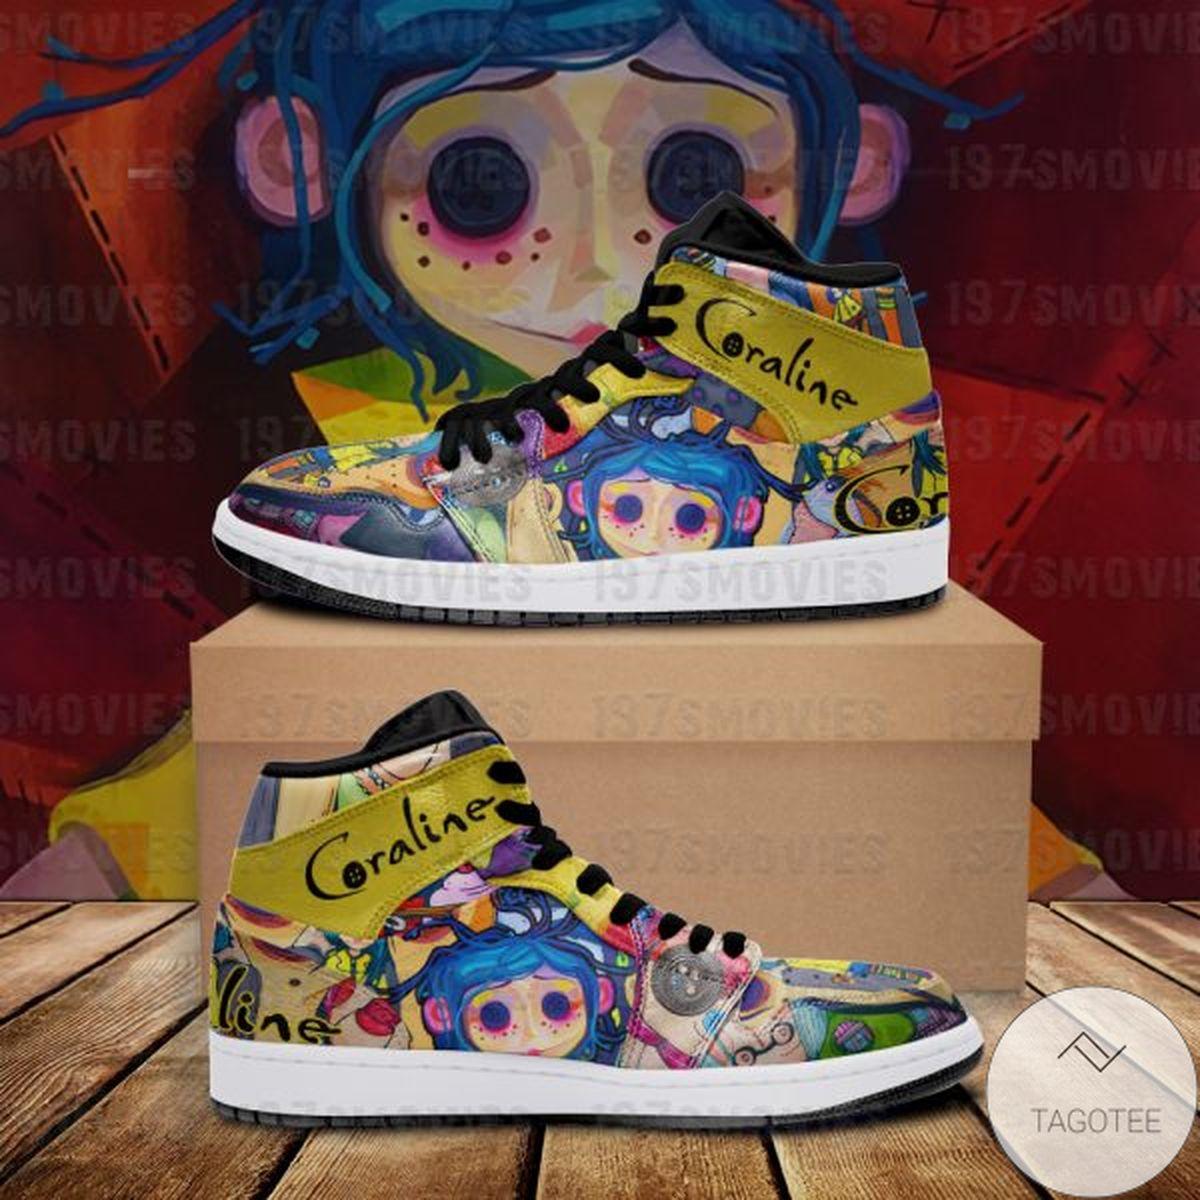 Great artwork! Coraline Sneaker Air Jordan High Top Shoes